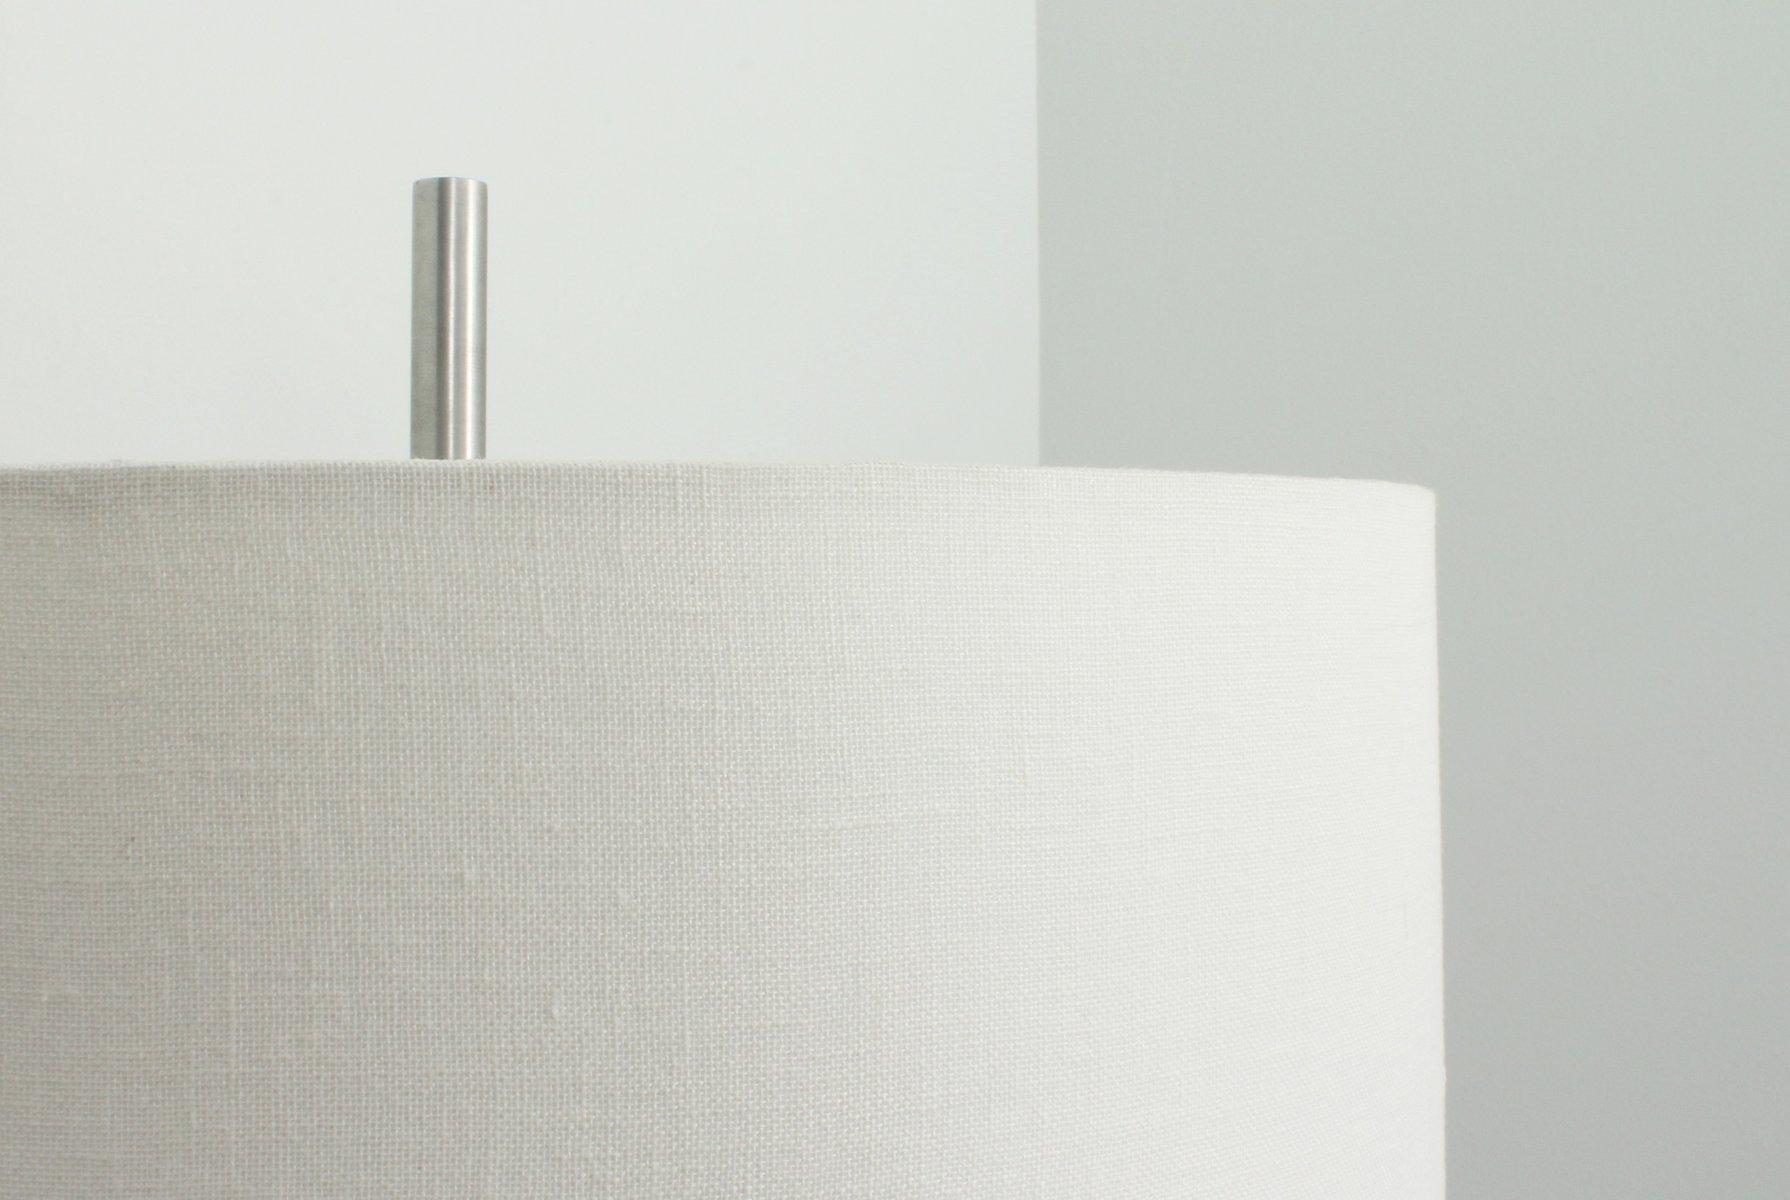 Lampe de bureau en marbre de raak s en vente sur pamono